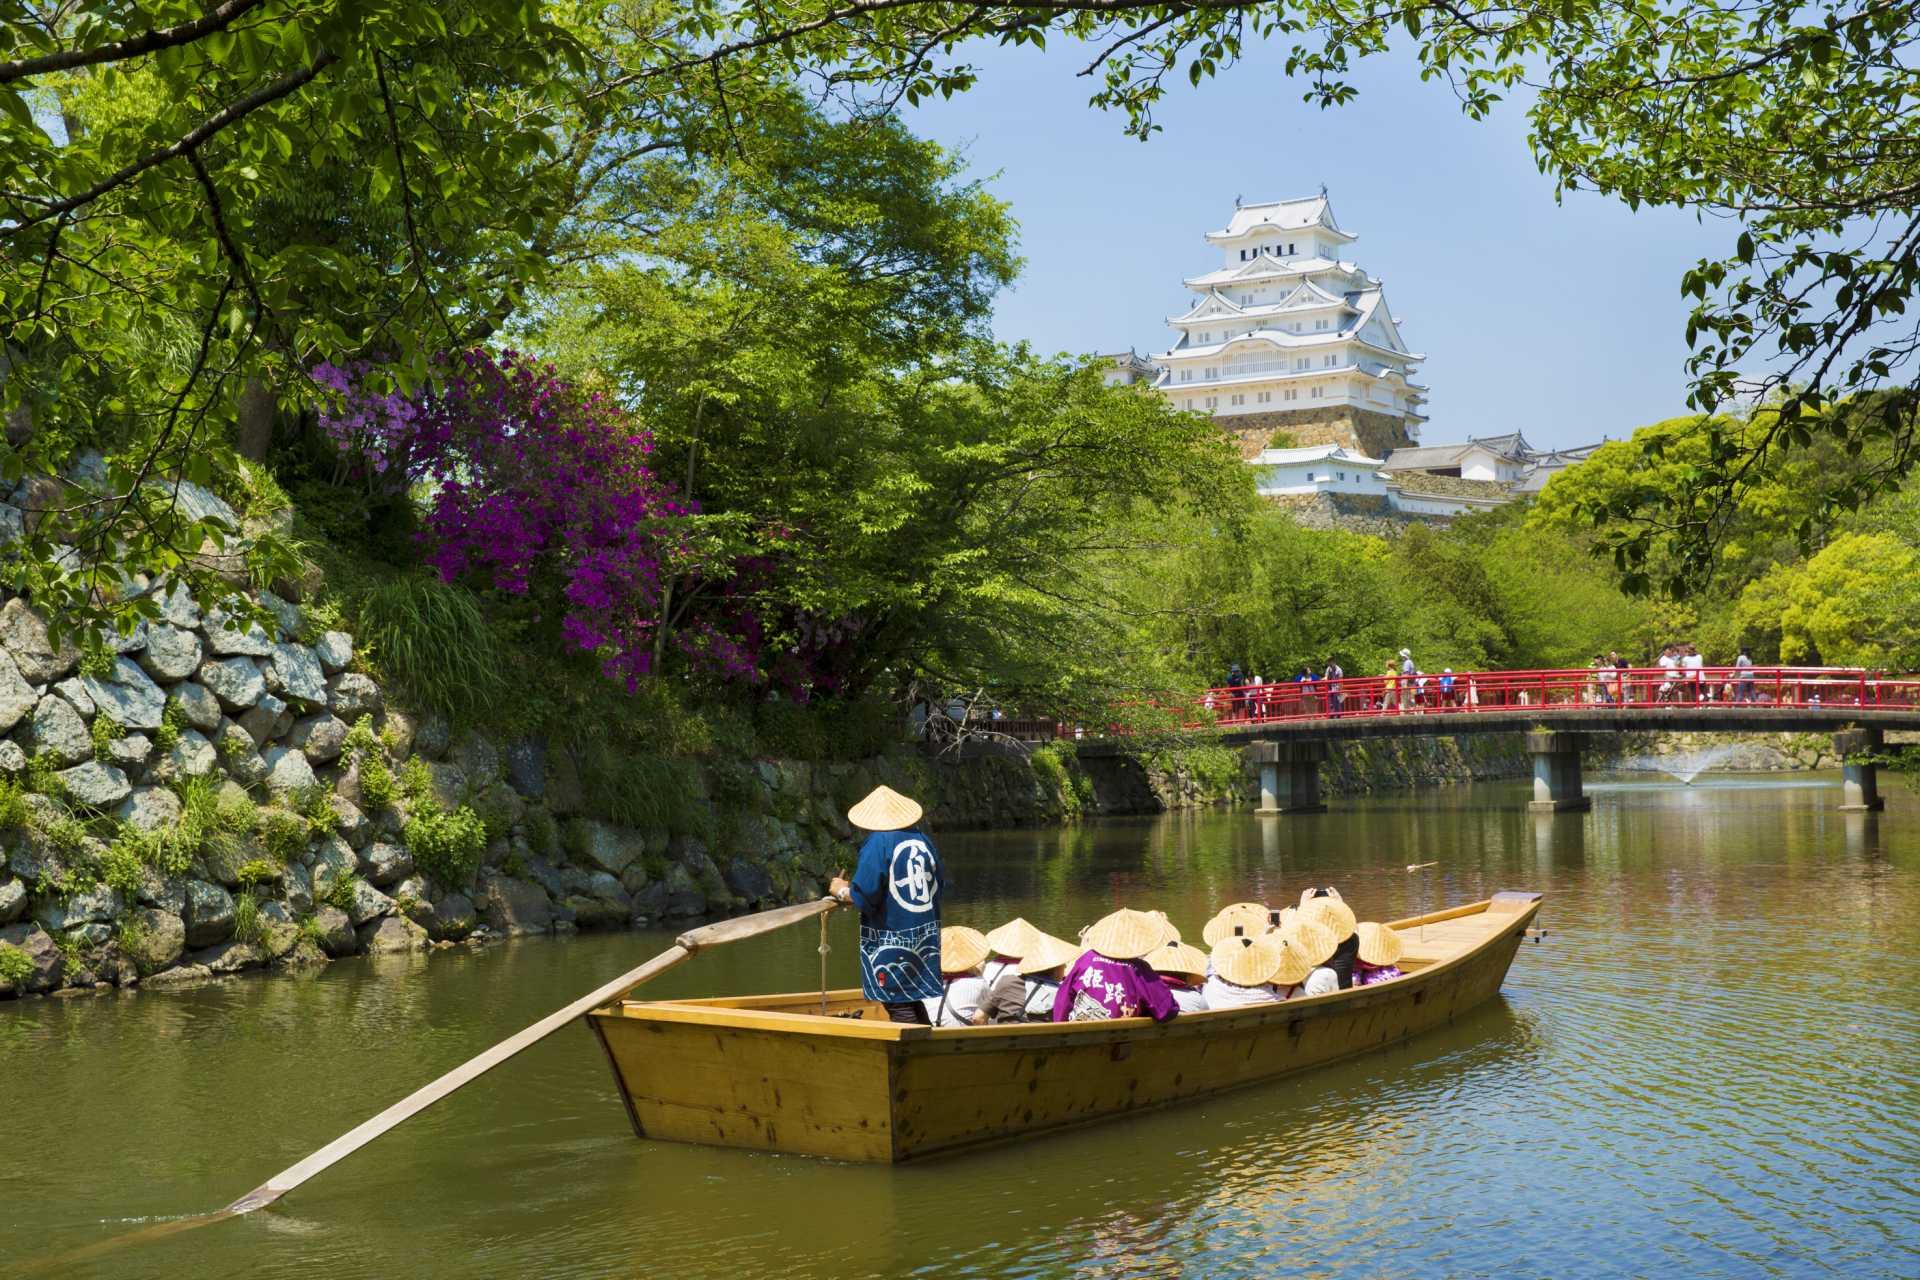 夏季的姬路藩文化观光学习船